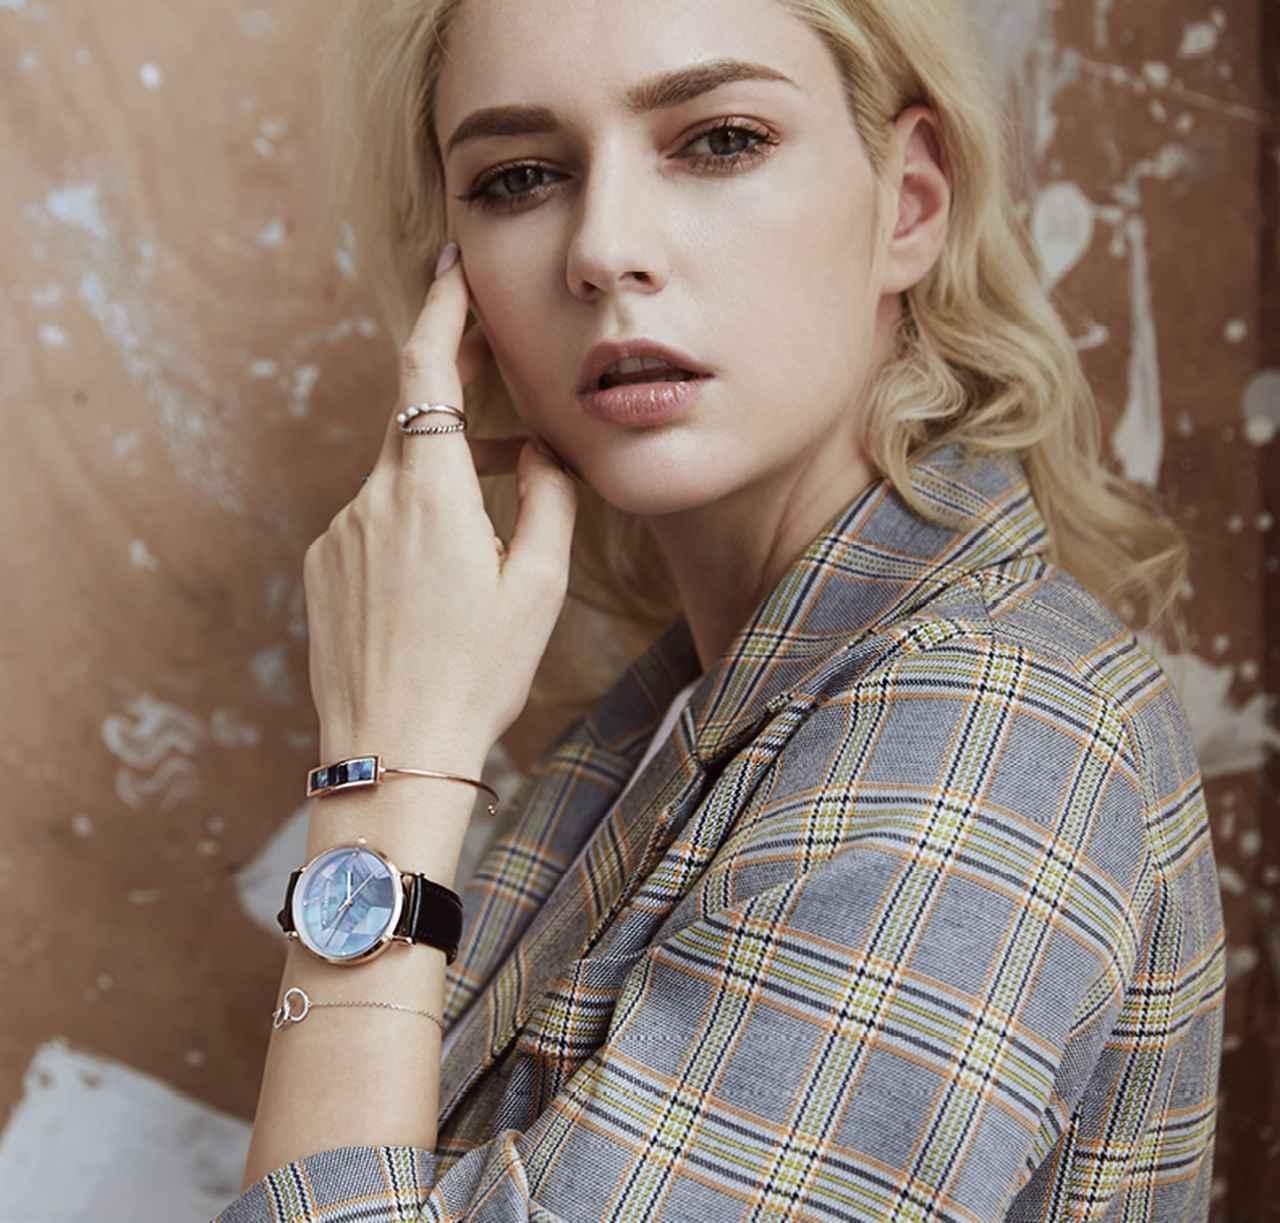 画像3: 腕時計+アクセサリー=ALLY DENOVO 世界で話題のファッションウォッチブランド